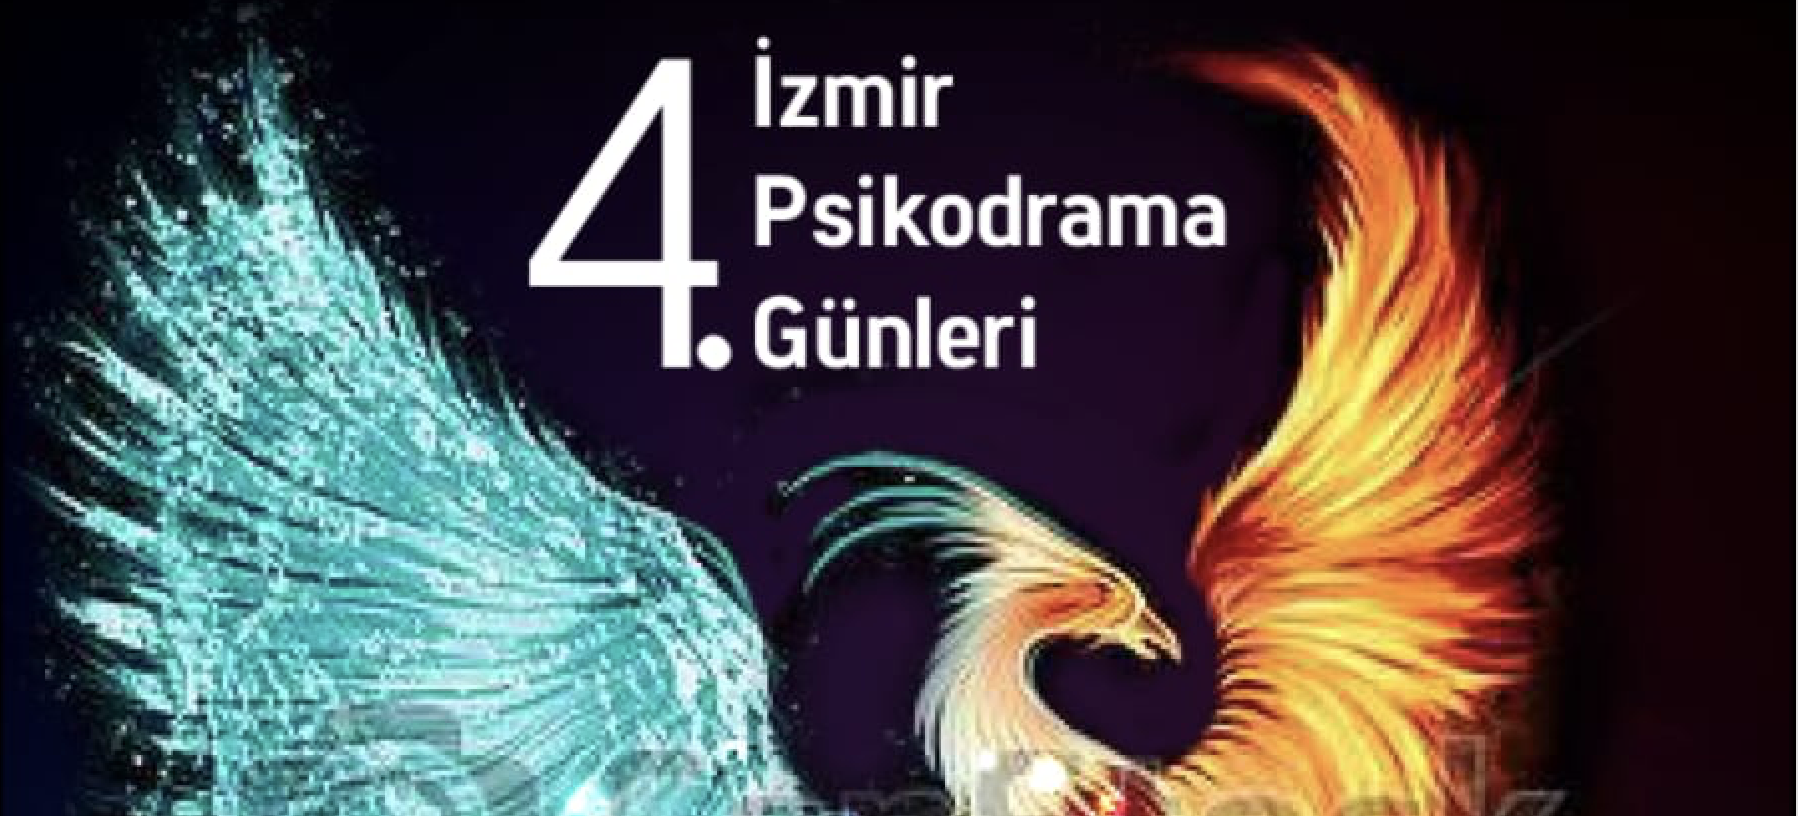 4. İzmir Psikodrama Günleri (2019) @ İzmir Özel Türk Koleji Bornova Kampüsü